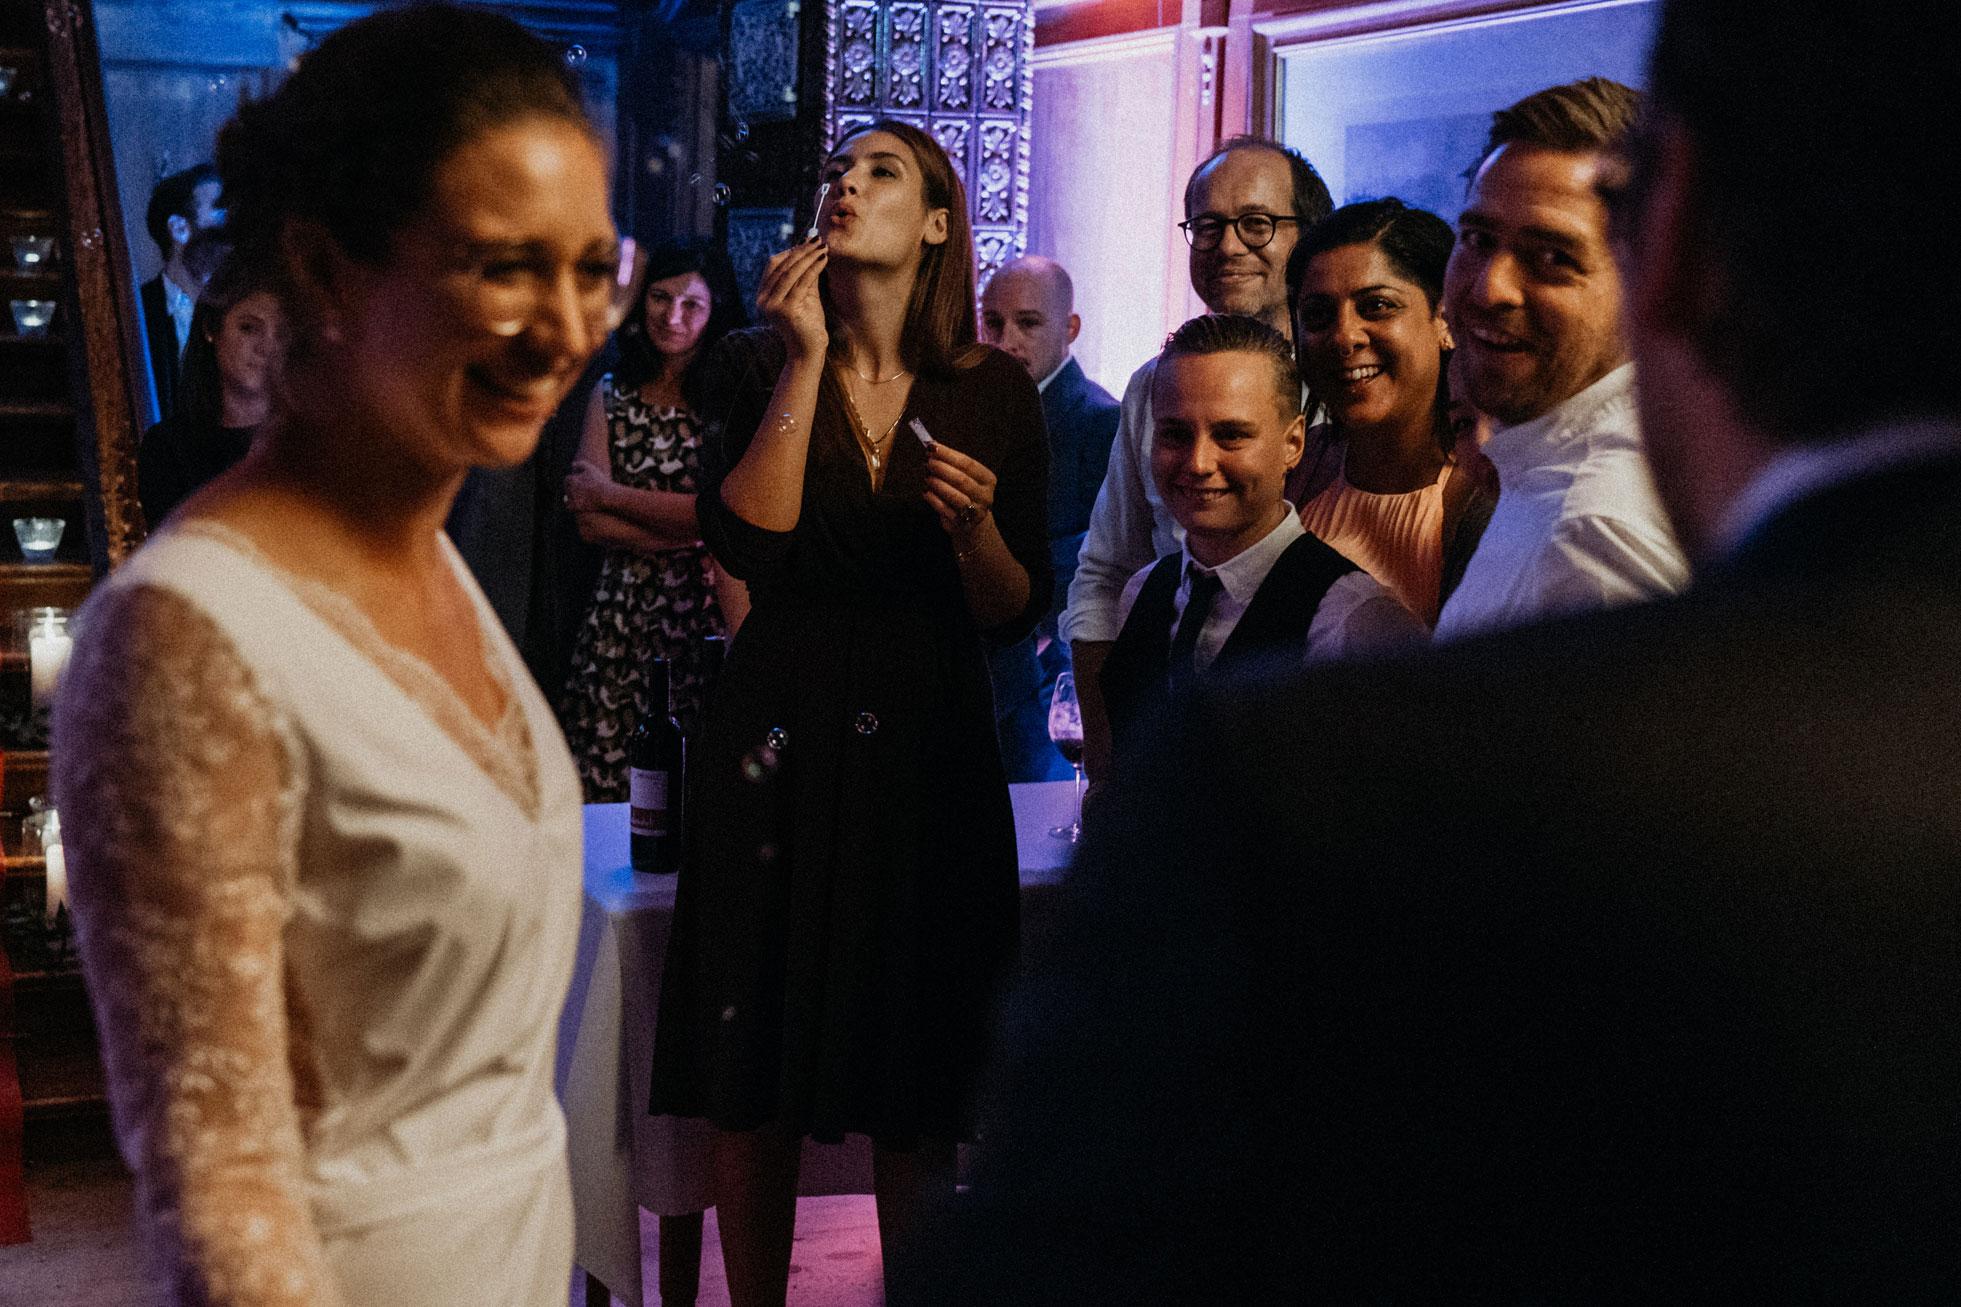 Hochzeit_Claire_Manuel_Villa_Maund_Daniel_Jenny-551.jpg